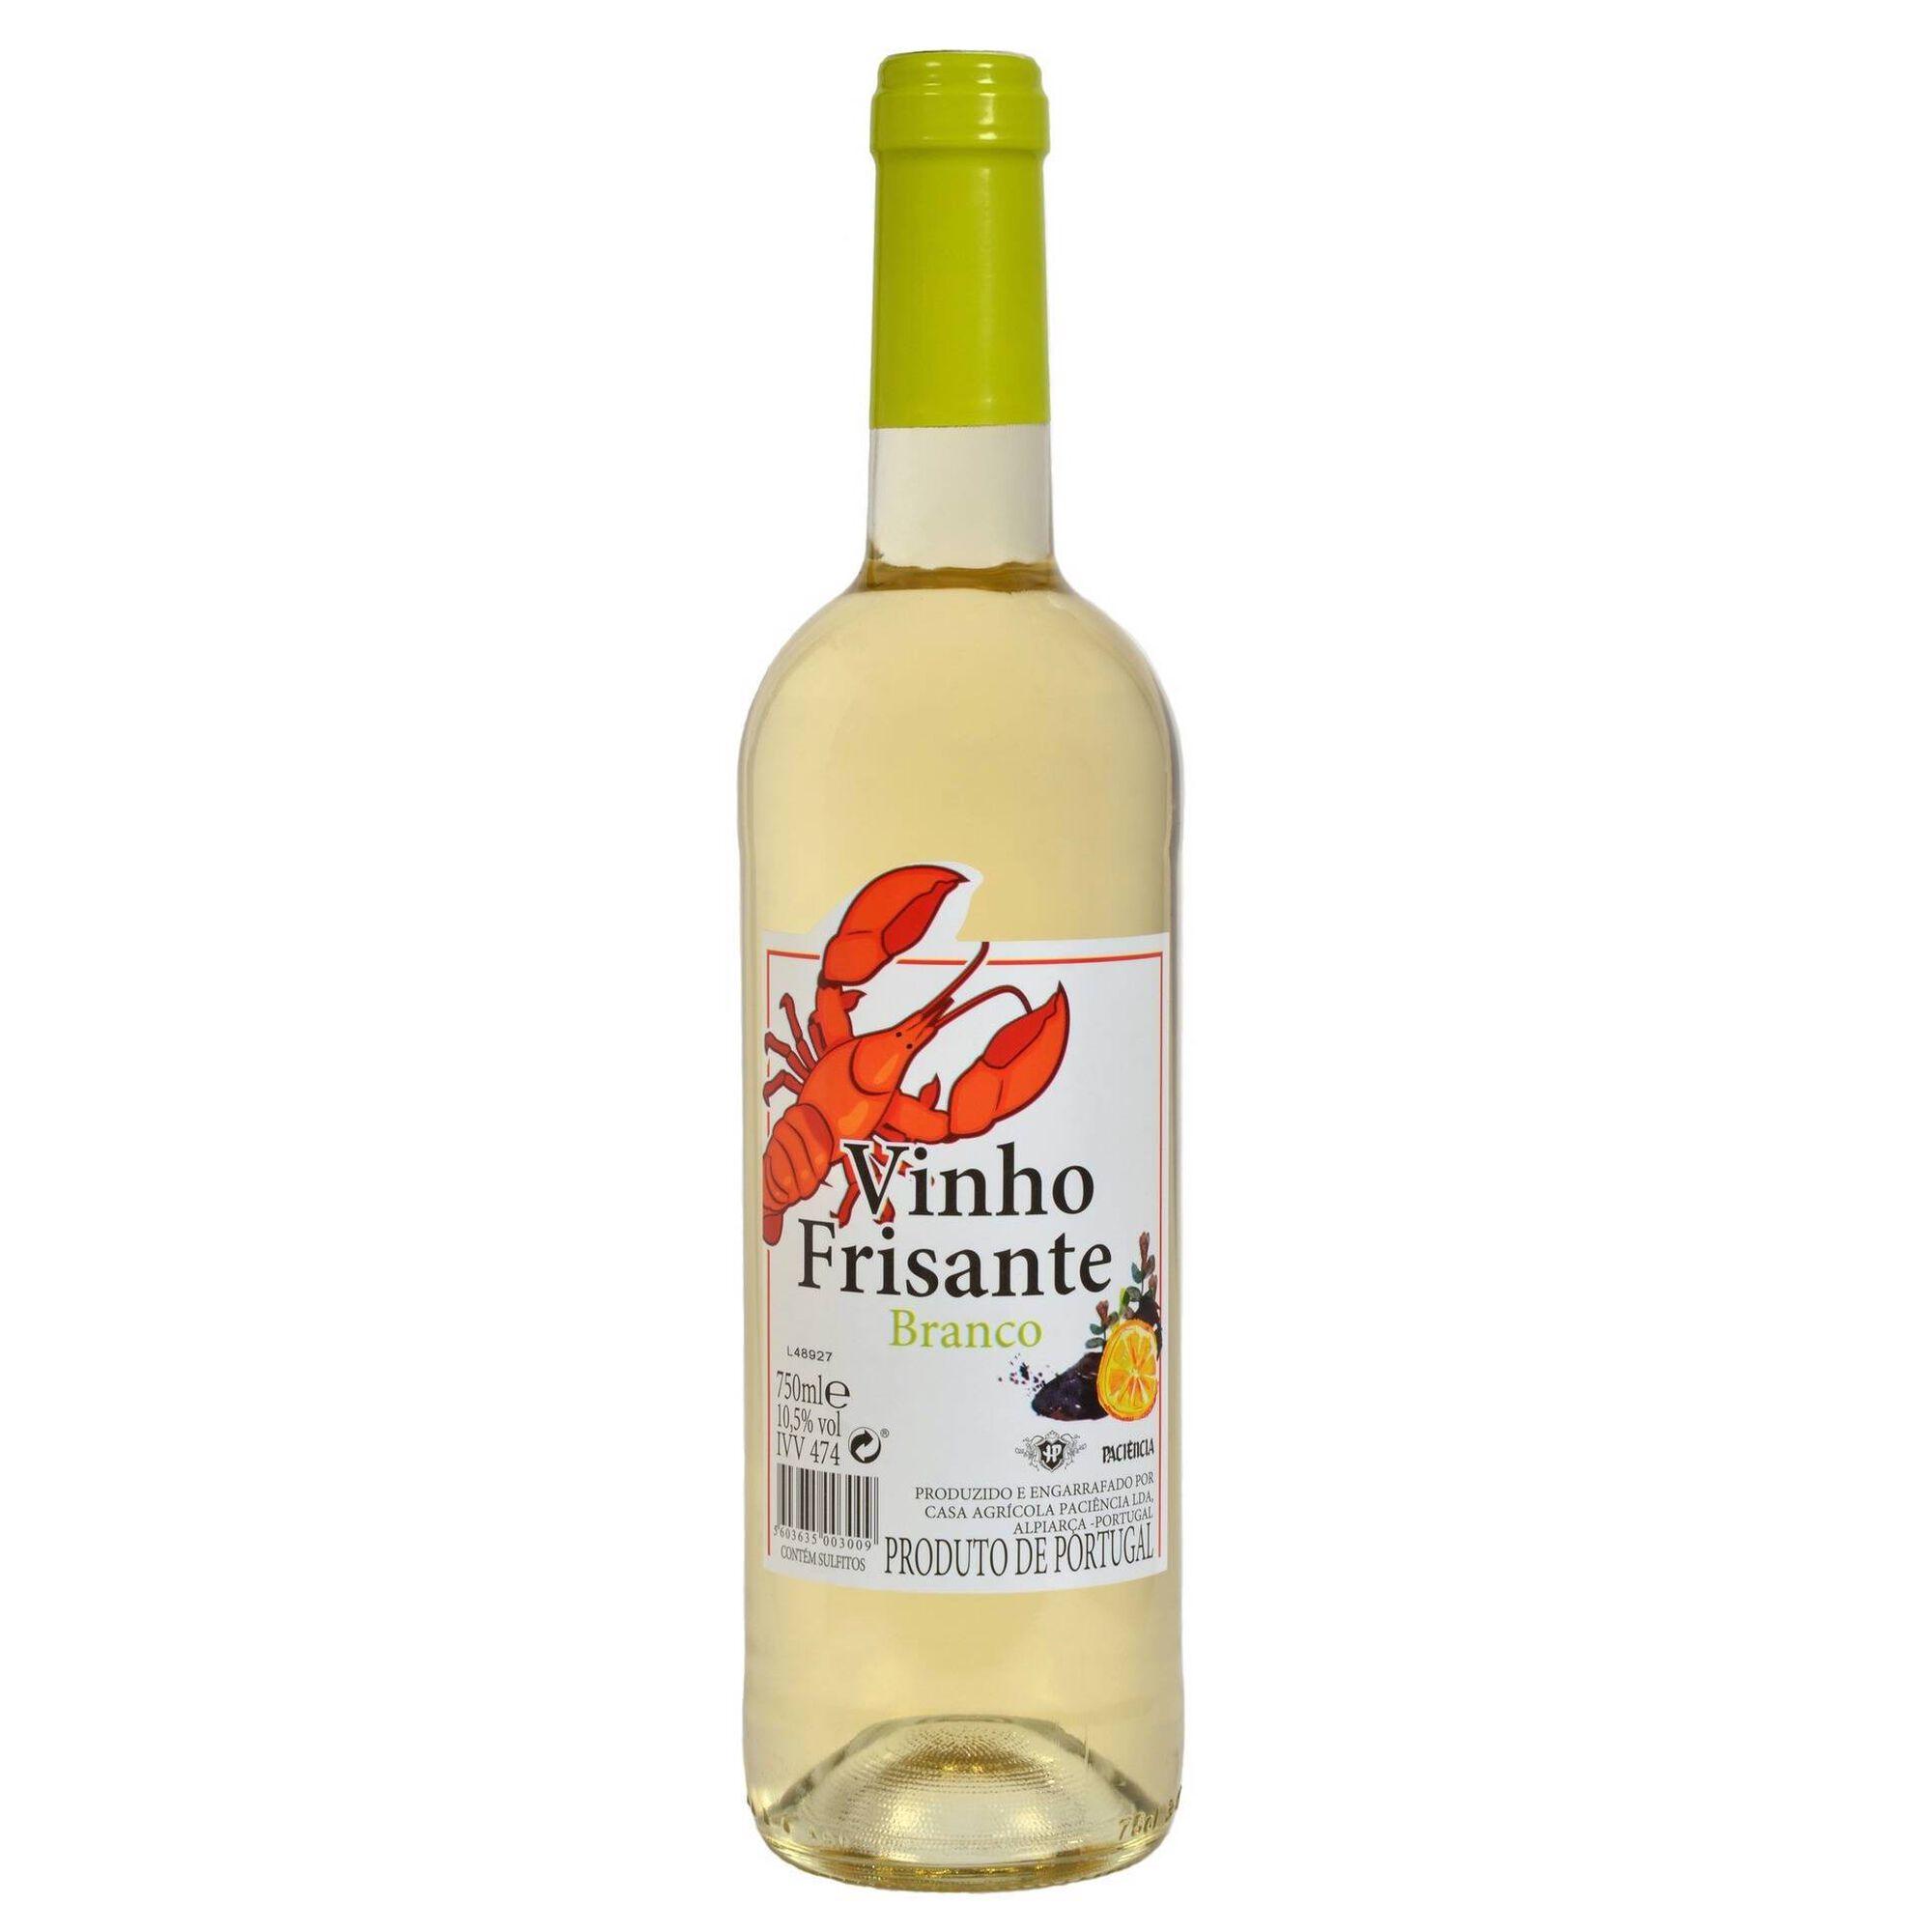 Paciência Vinho Frisante Branco